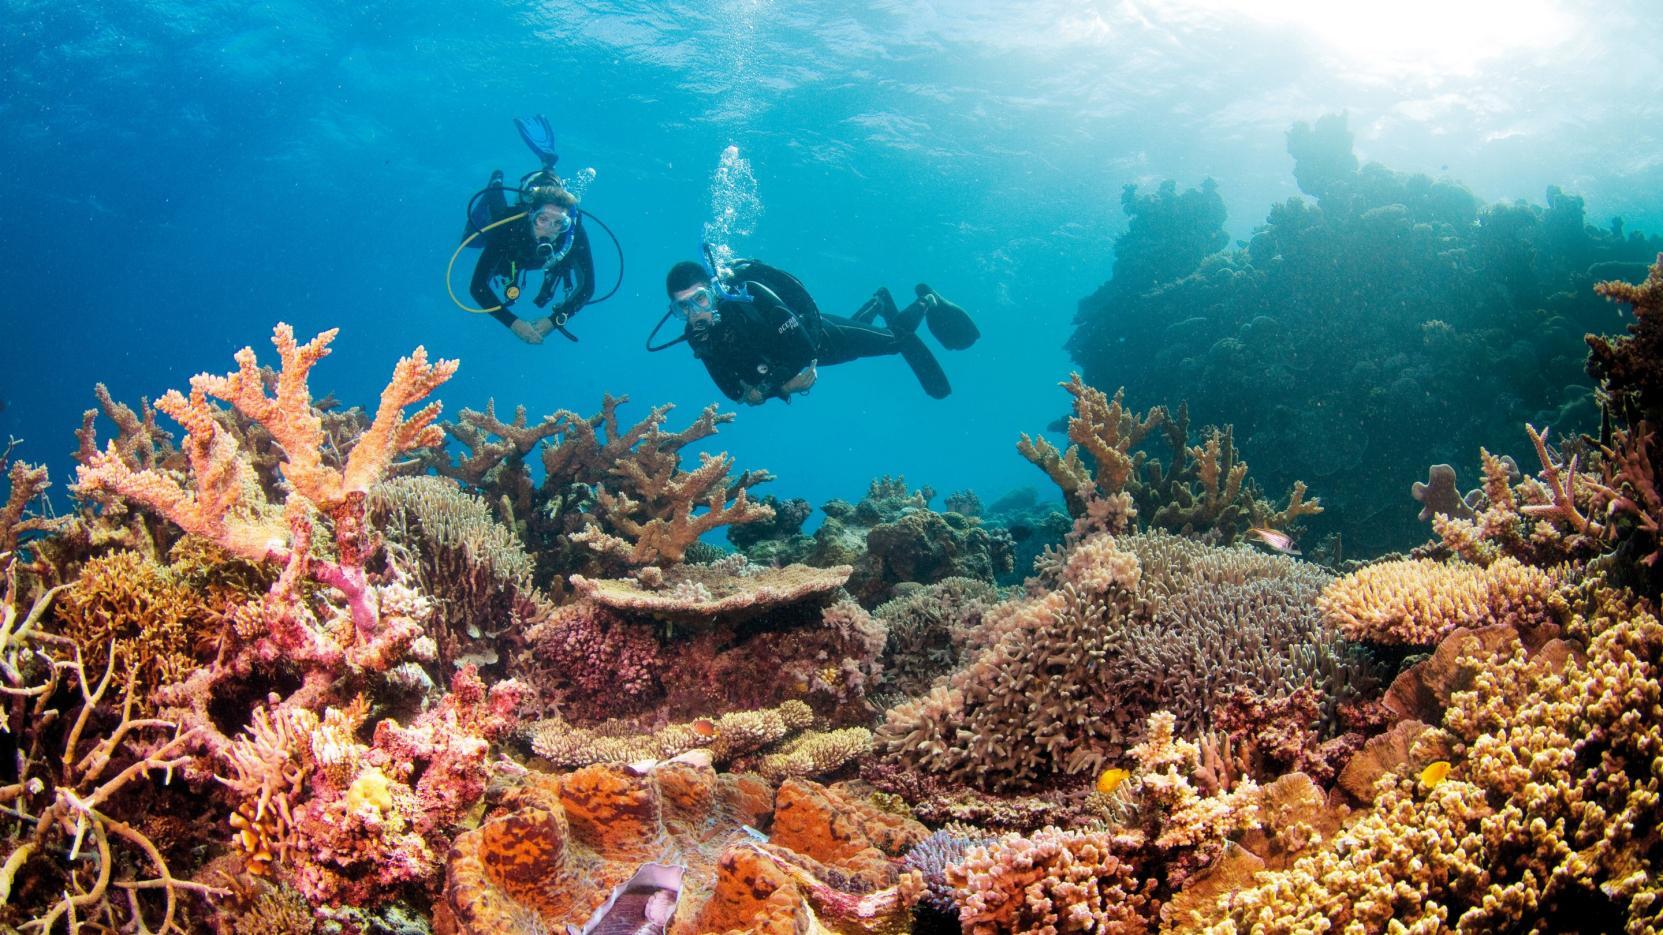 La Gran Barrera de Coral australiana se resiste a morir pese al cambio  climático | Revista Enfoque